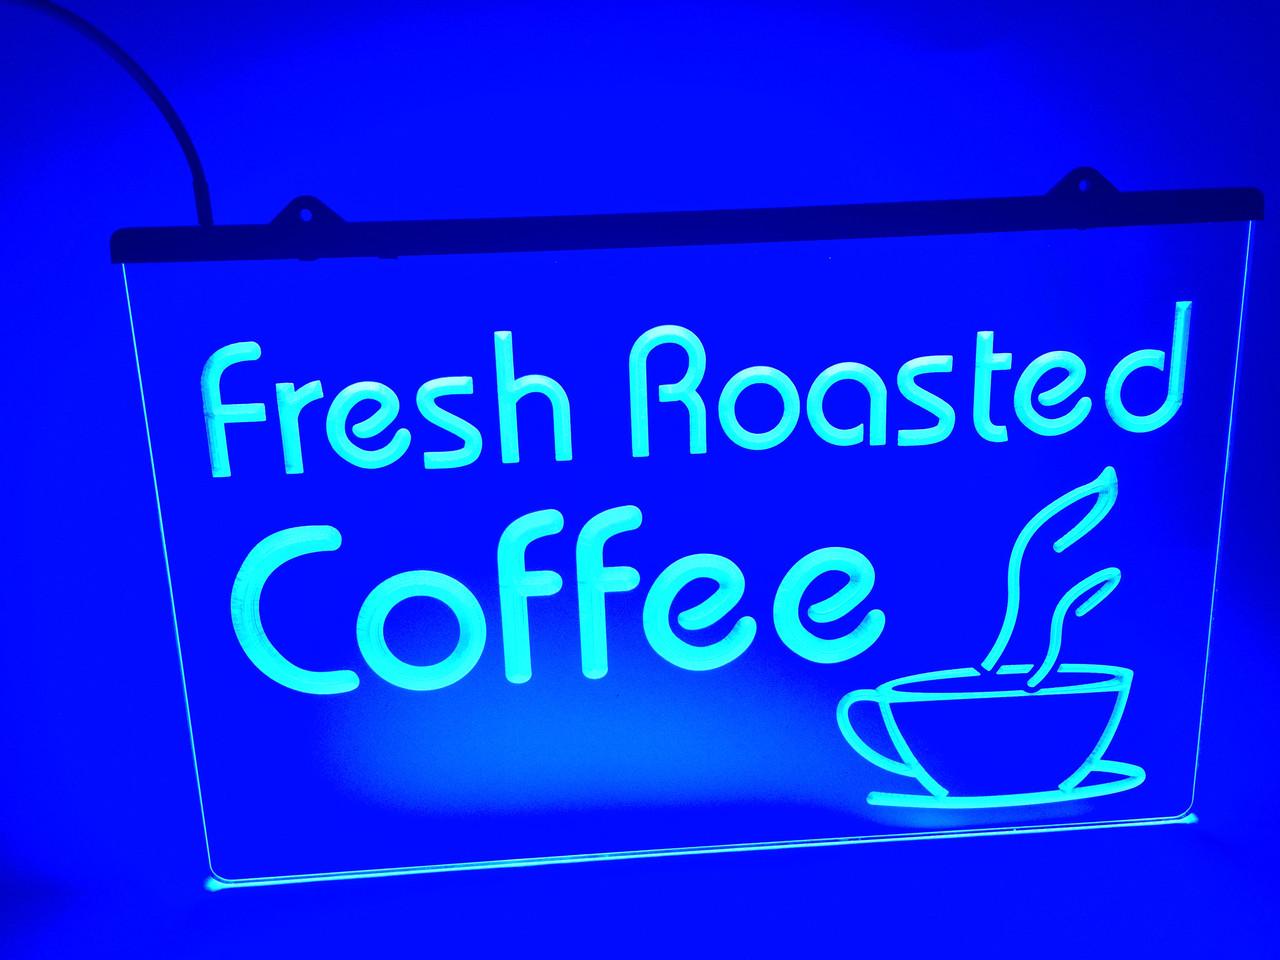 Светодиодная Лед табличка Свежая обжарка кофе (Fresh Roasted Coffe) Синяя